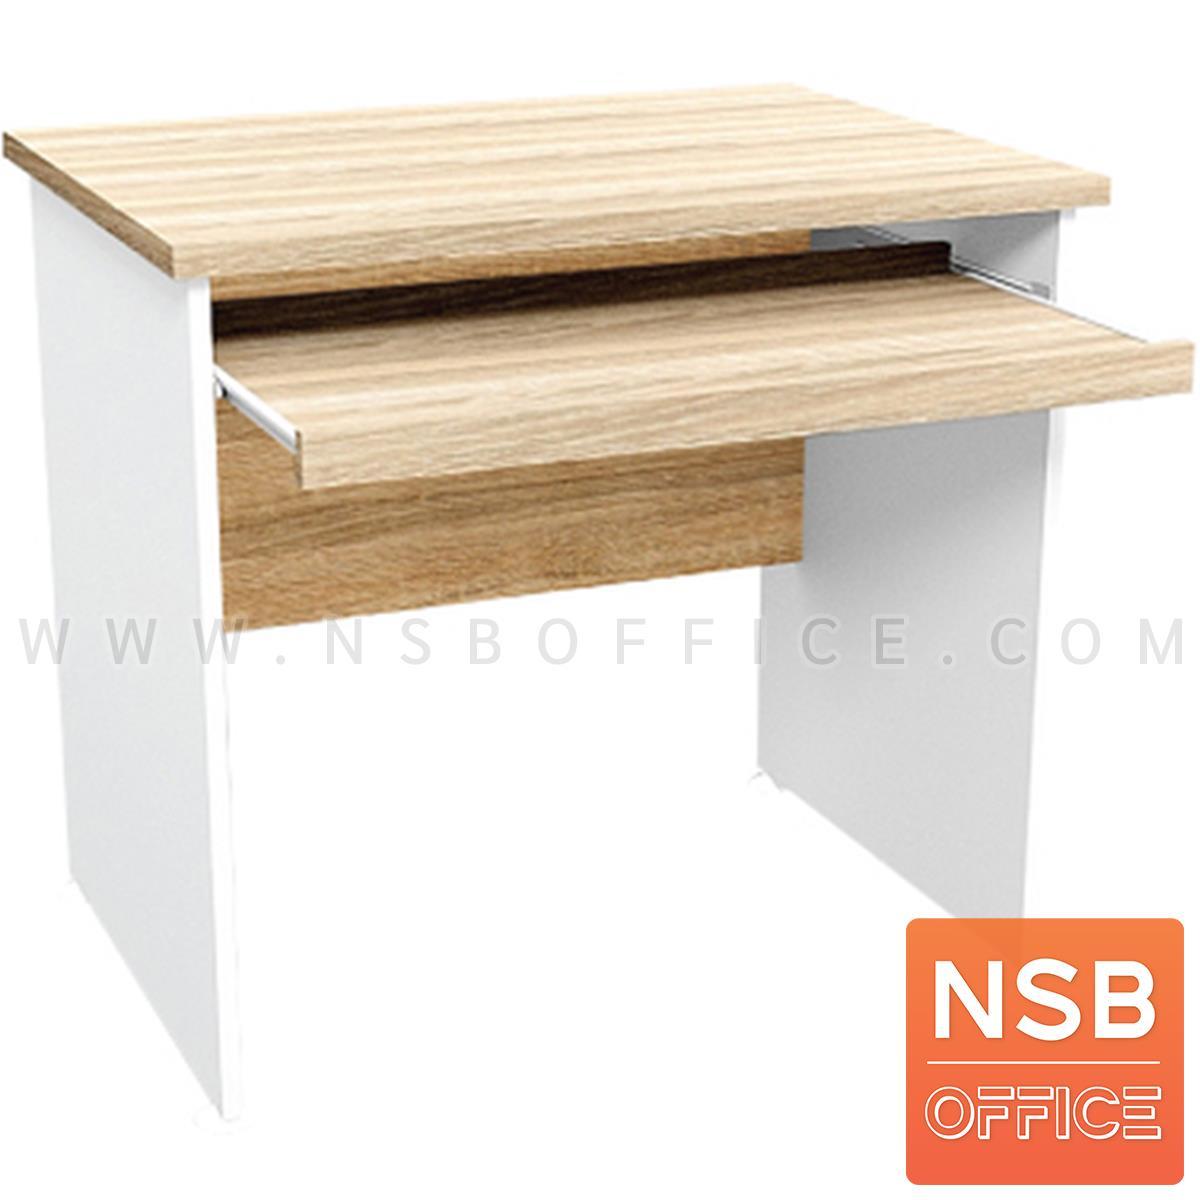 A21A005:โต๊ะคอมพิวเตอร์  รุ่น Curious (คิวเรียส) ขนาด 80W cm. พร้อมรางคีย์บอร์ด สีเนเจอร์ทีค-ขาว